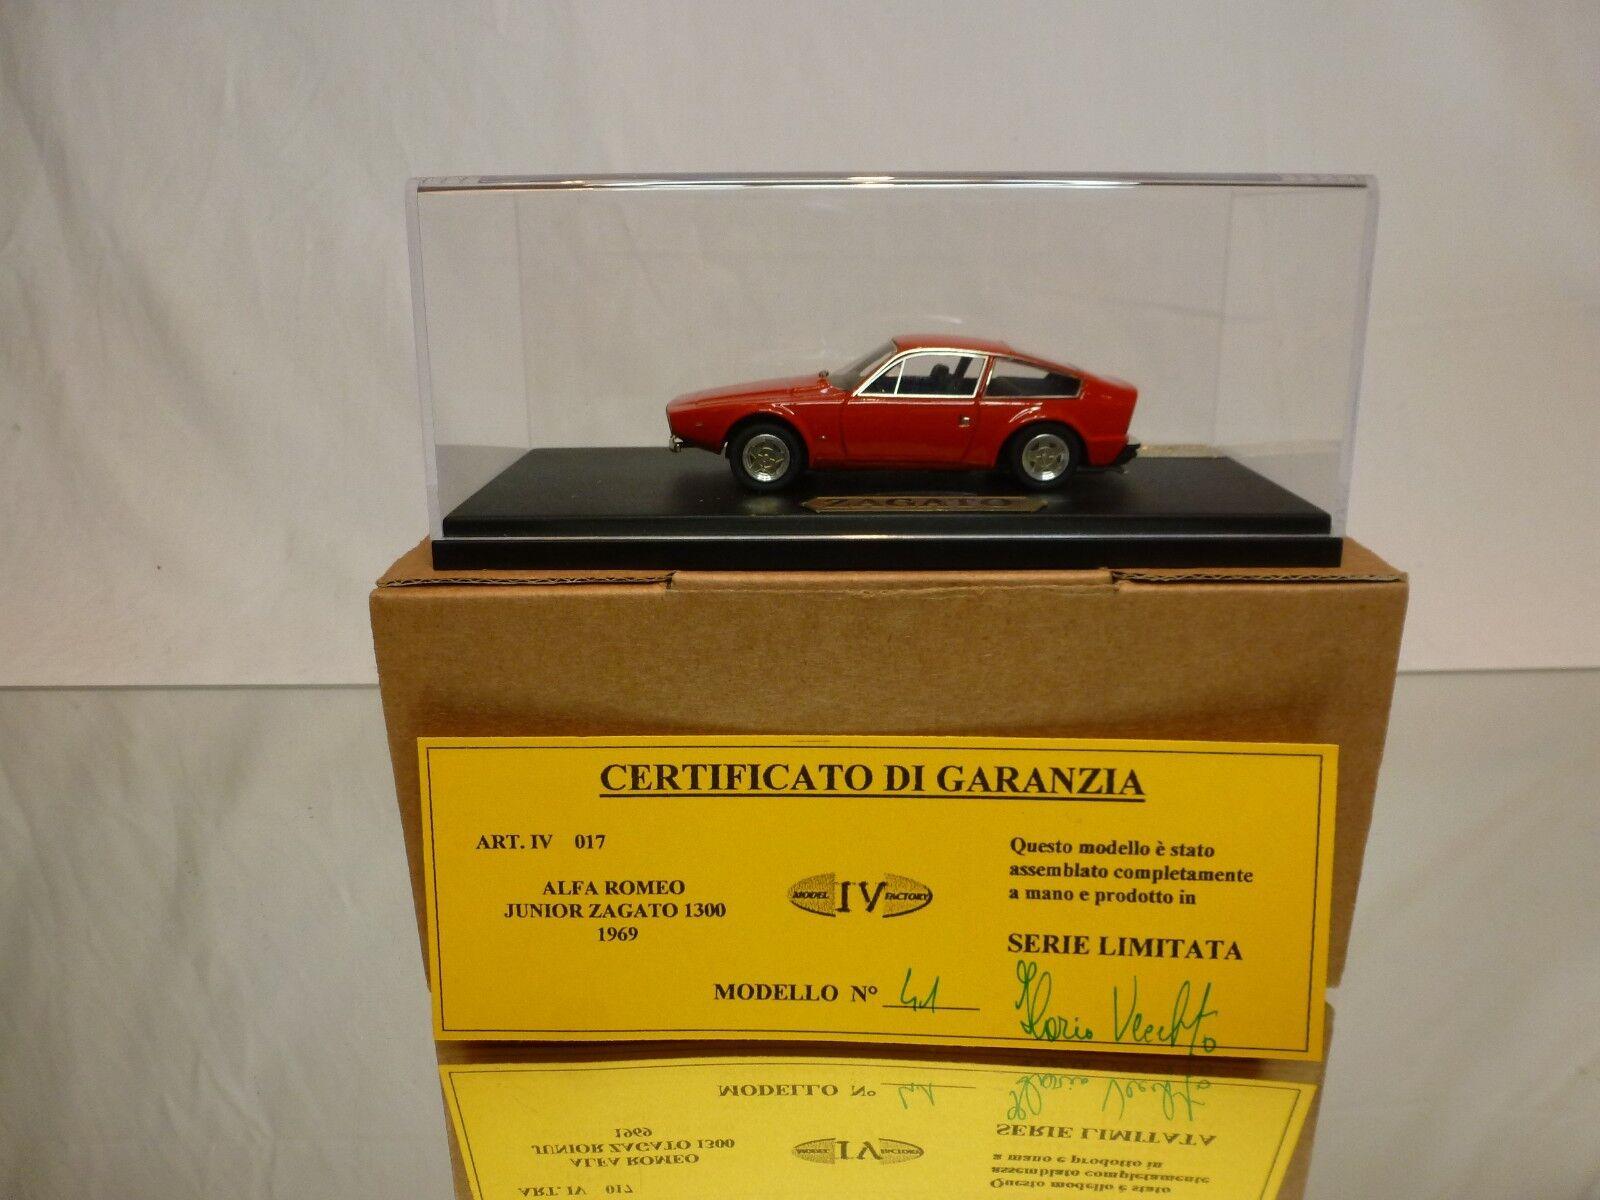 MODEL IV FACTORY 017 ALFA ROMEO JUNIOR ZAGATO 1300 - 1969 rojo 1 43 - EXCELLENT